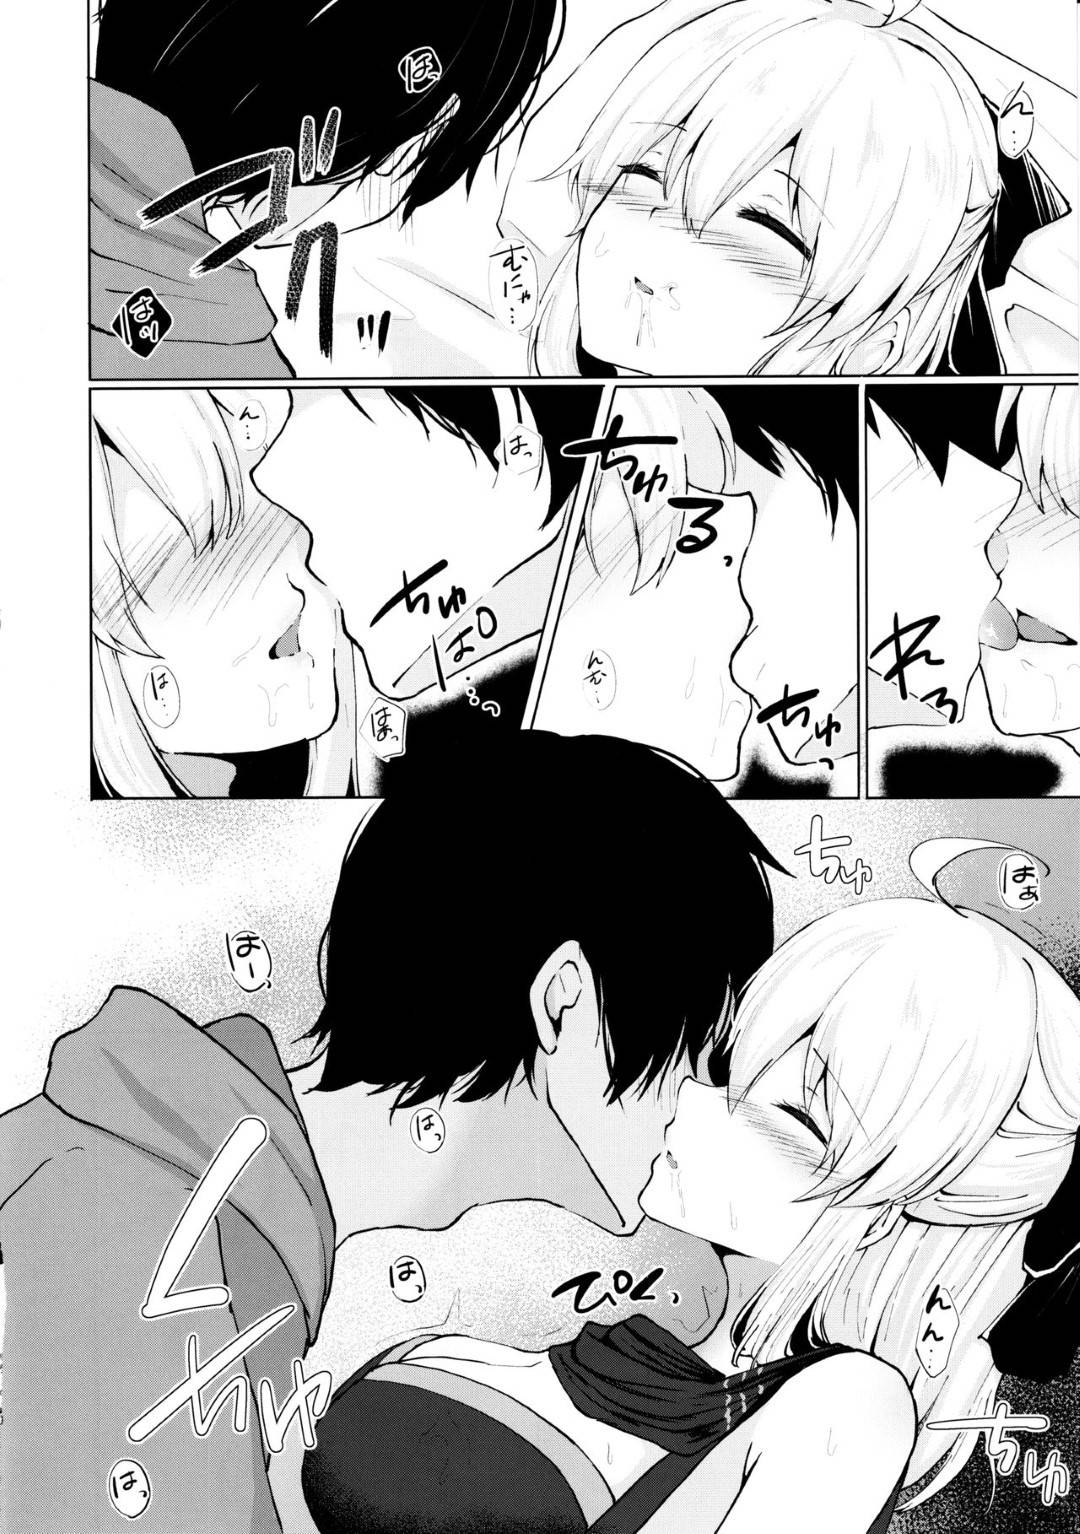 【fateエロ漫画】風邪で寝込んでいる沖田を看病をするマスター。火照った姿の沖田に欲情した彼は寝ていることを良いことにエッチな事をしてしまう!手マンして濡れ濡れになったオマンコに生挿入し睡眠姦!【ことまろ】